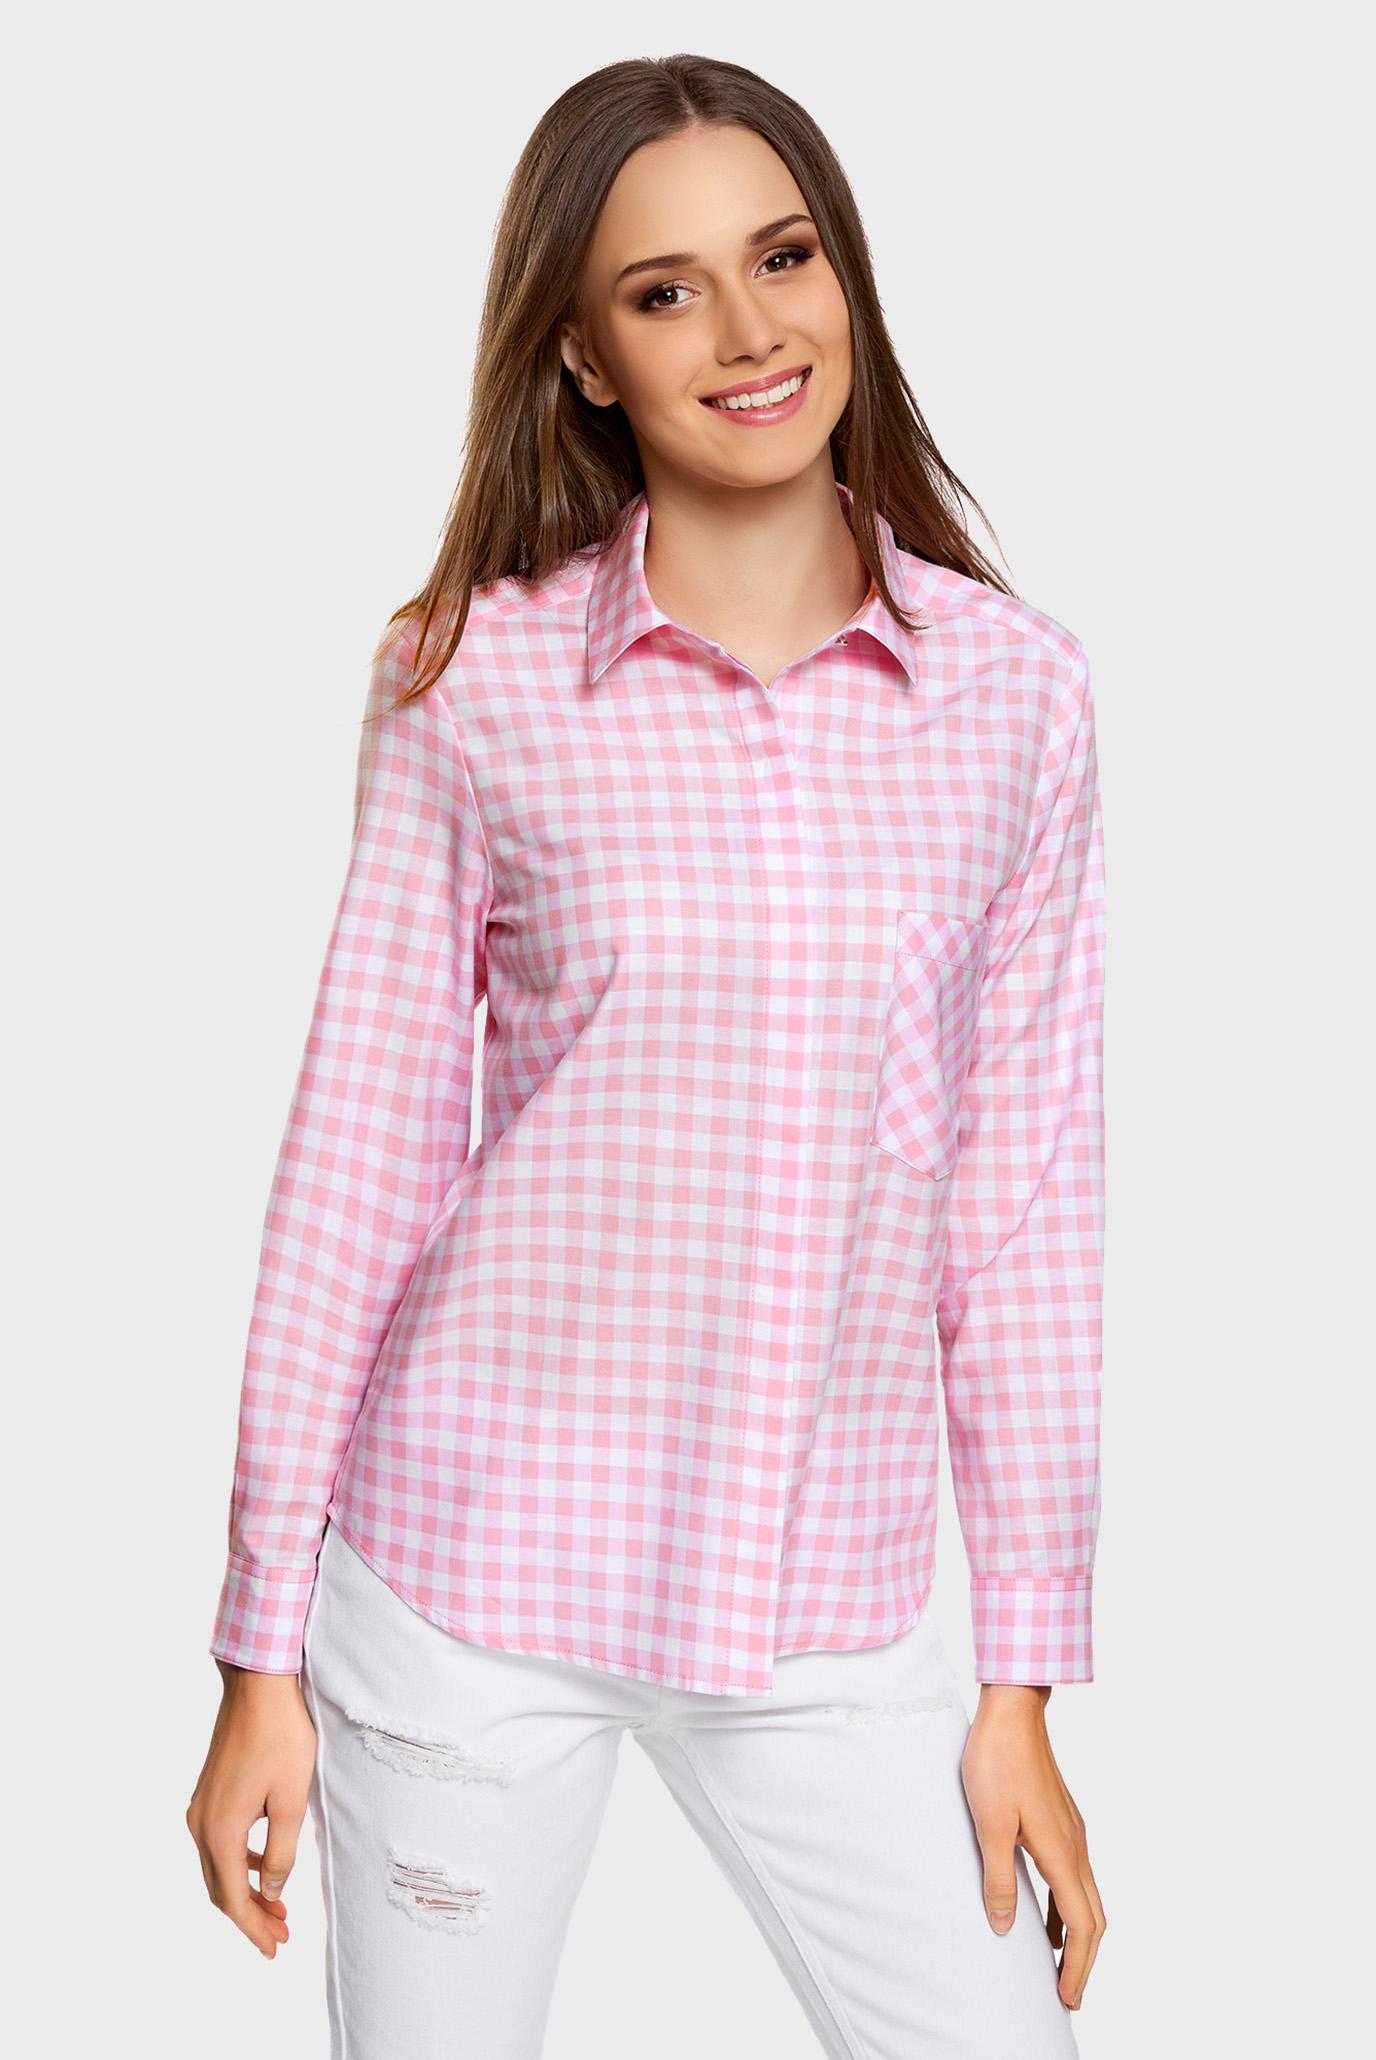 05b9ccdce7e4 Купить Женская розовая рубашка в клетку Oodji Oodji 11411099-1/43566 ...